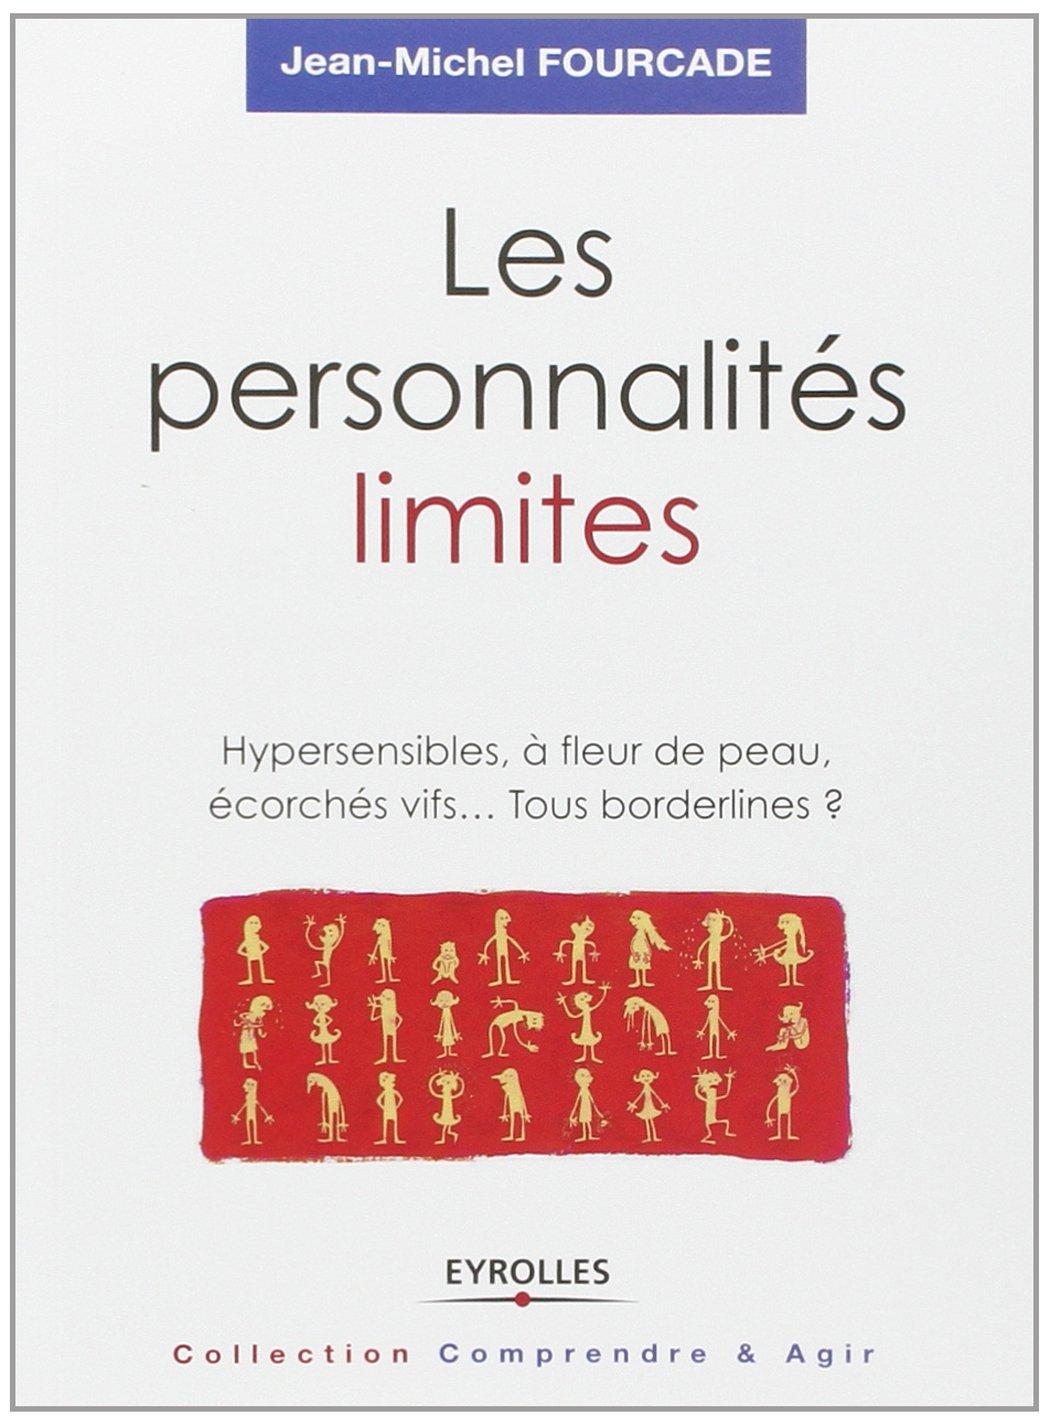 Les personnalités limites : Hypersensibles, à fleur de peau, écorchés vifs... Tous borderlines ?